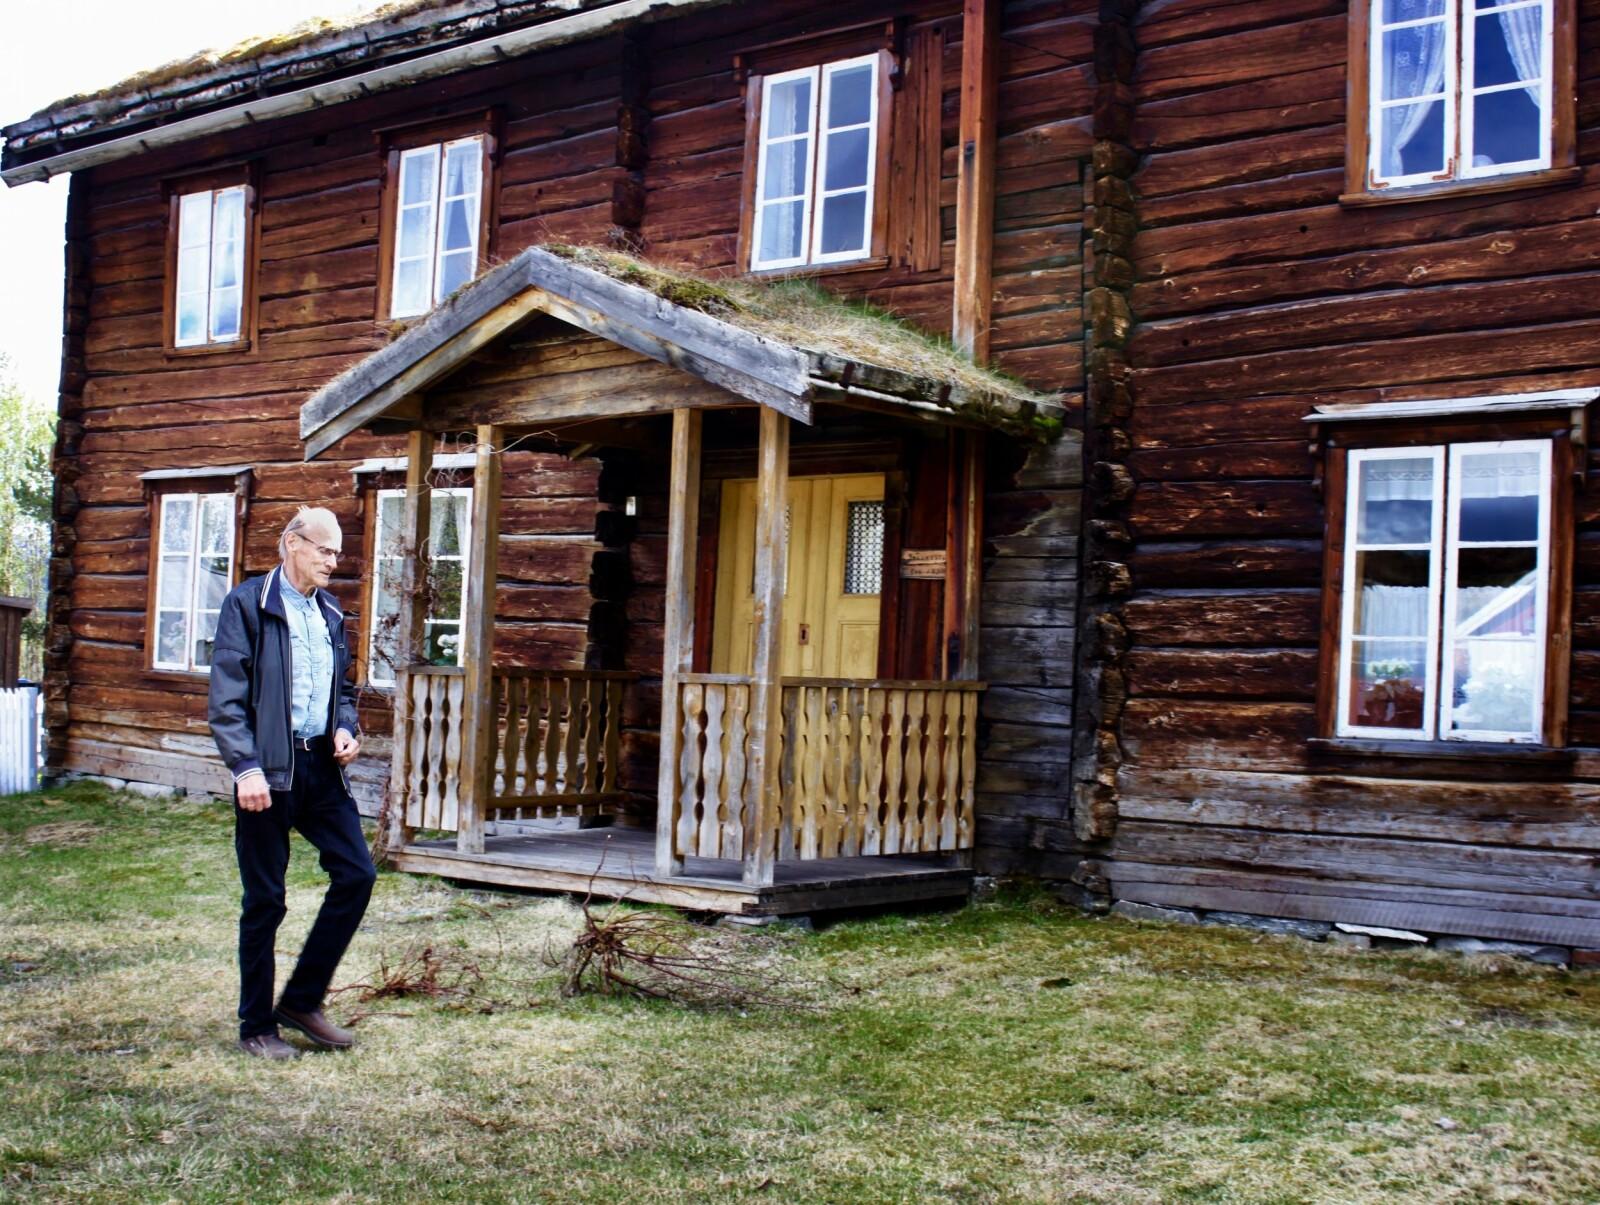 <b>NYTT LIV:</b> Ofre fra Storofsens herjinger flyttet nordover, lokket av fruktbar jord og billige lån, forteller historiker Vidkunn Haugli foran et av et av Målselvs eldste bevarte hus fra1830.